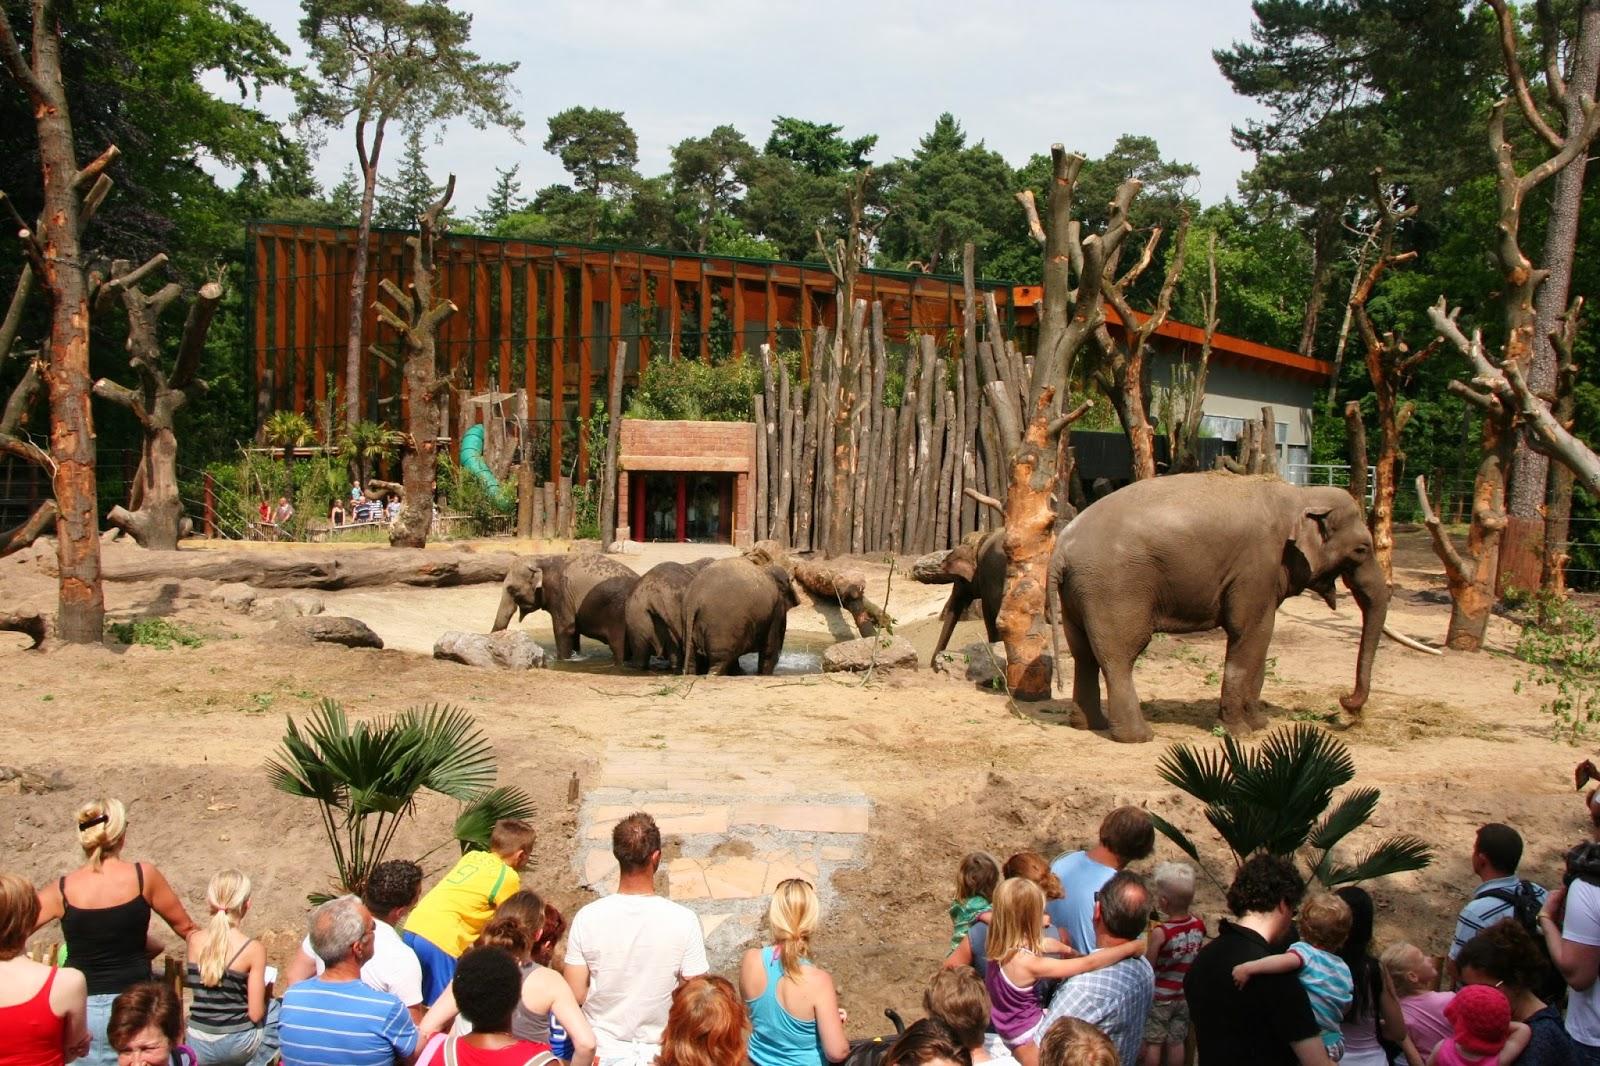 Zoologico-na-holanda-zoo-holand